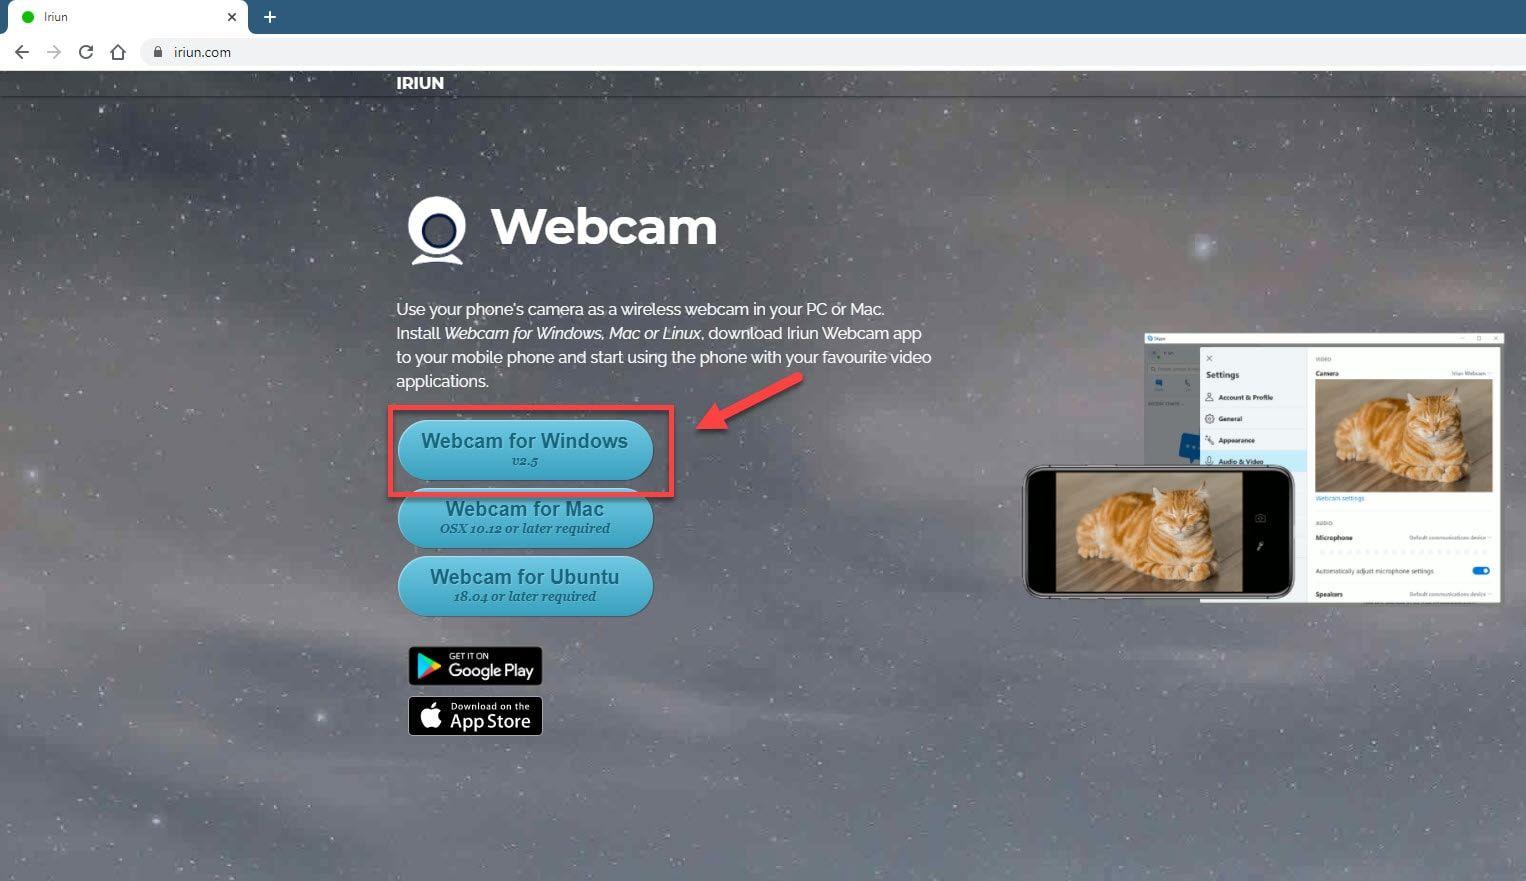 Windows 10'da akıllı telefonunuzu web kamerası olarak kullanma